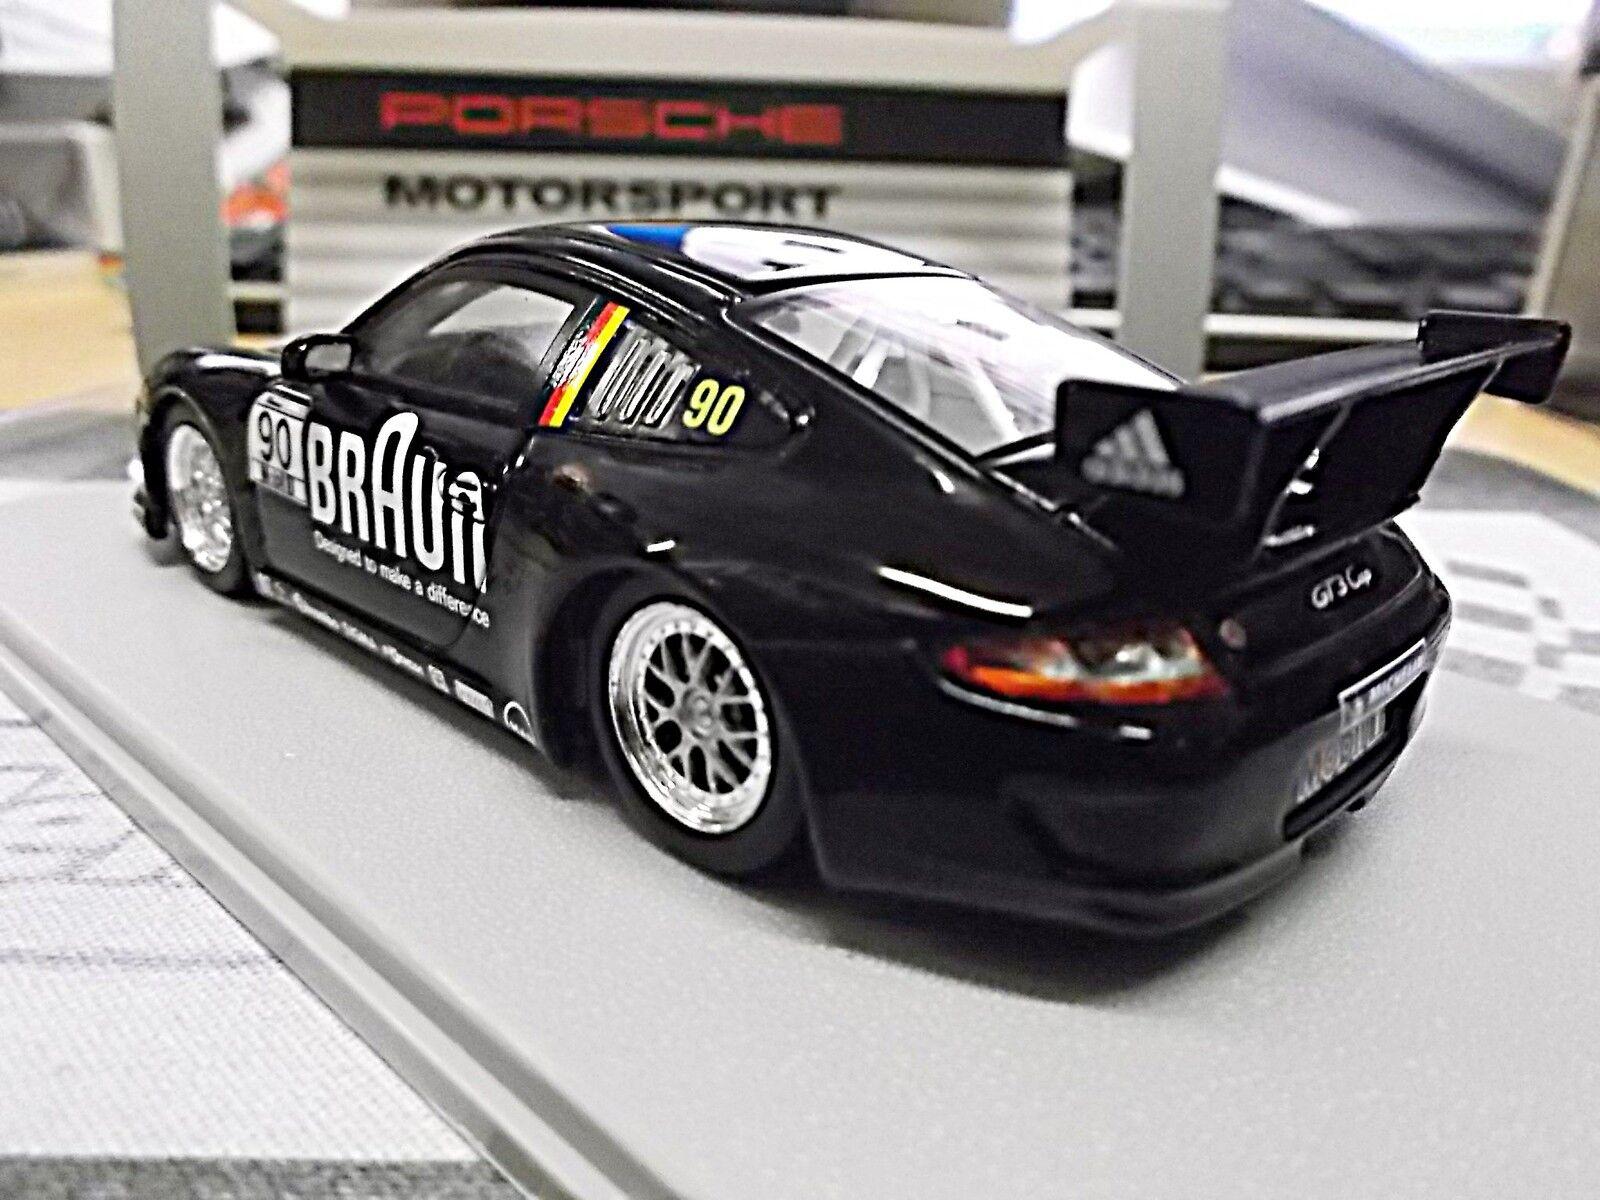 Porsche 911 997 gt3 Cup supercup 2010 Marron    90 vip car spark resin 1 43 29cb80